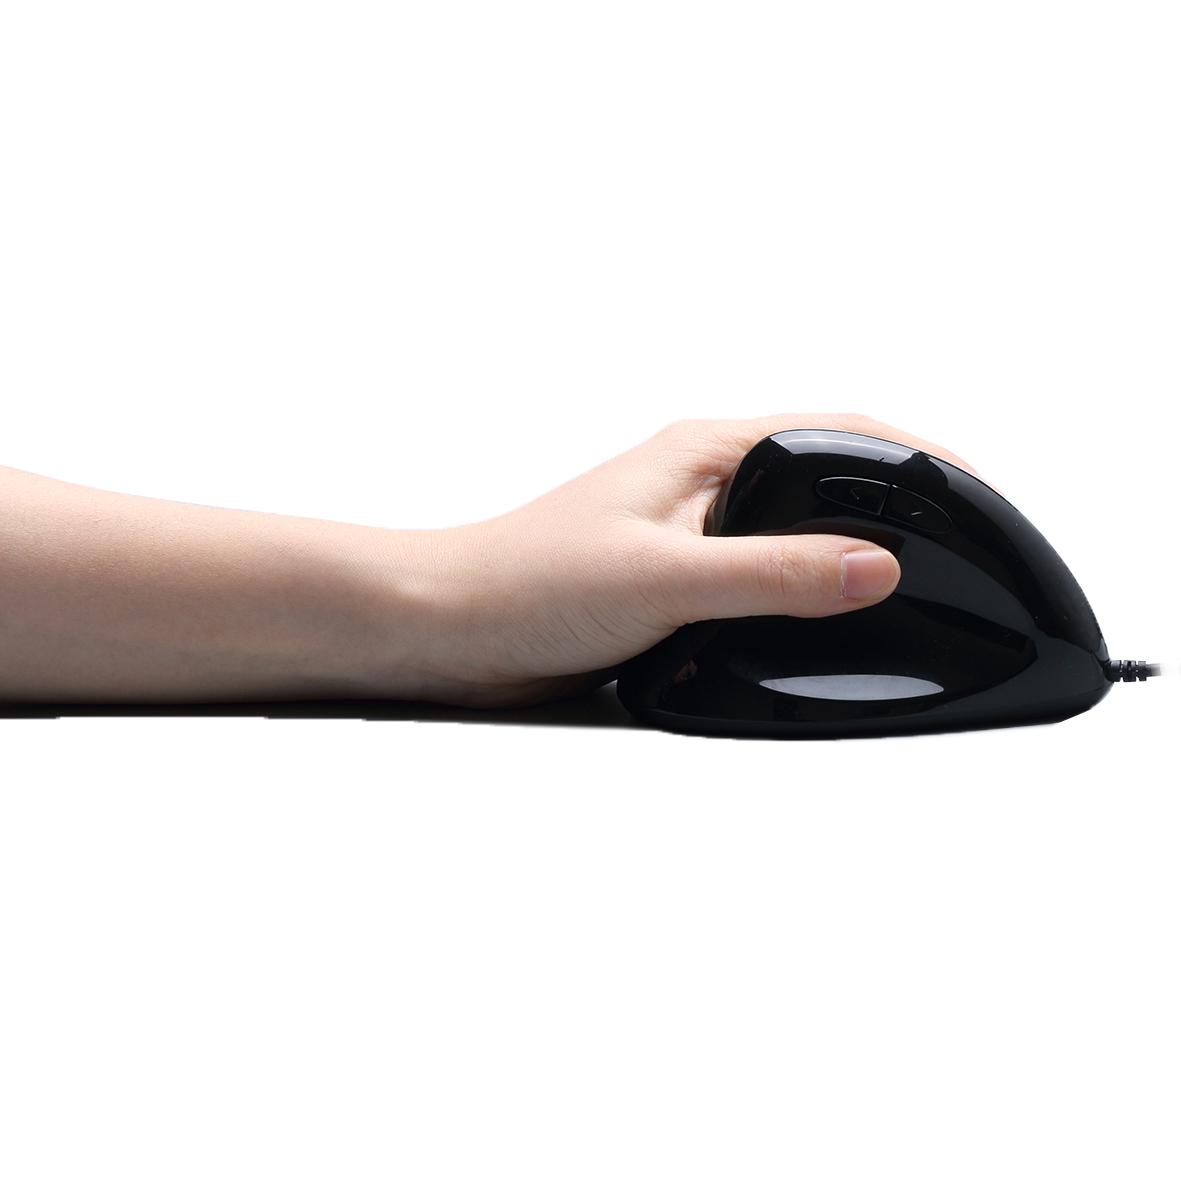 Linkshandige verticale ergonomische programmeerbare gamingmuis met instelbaar gewicht